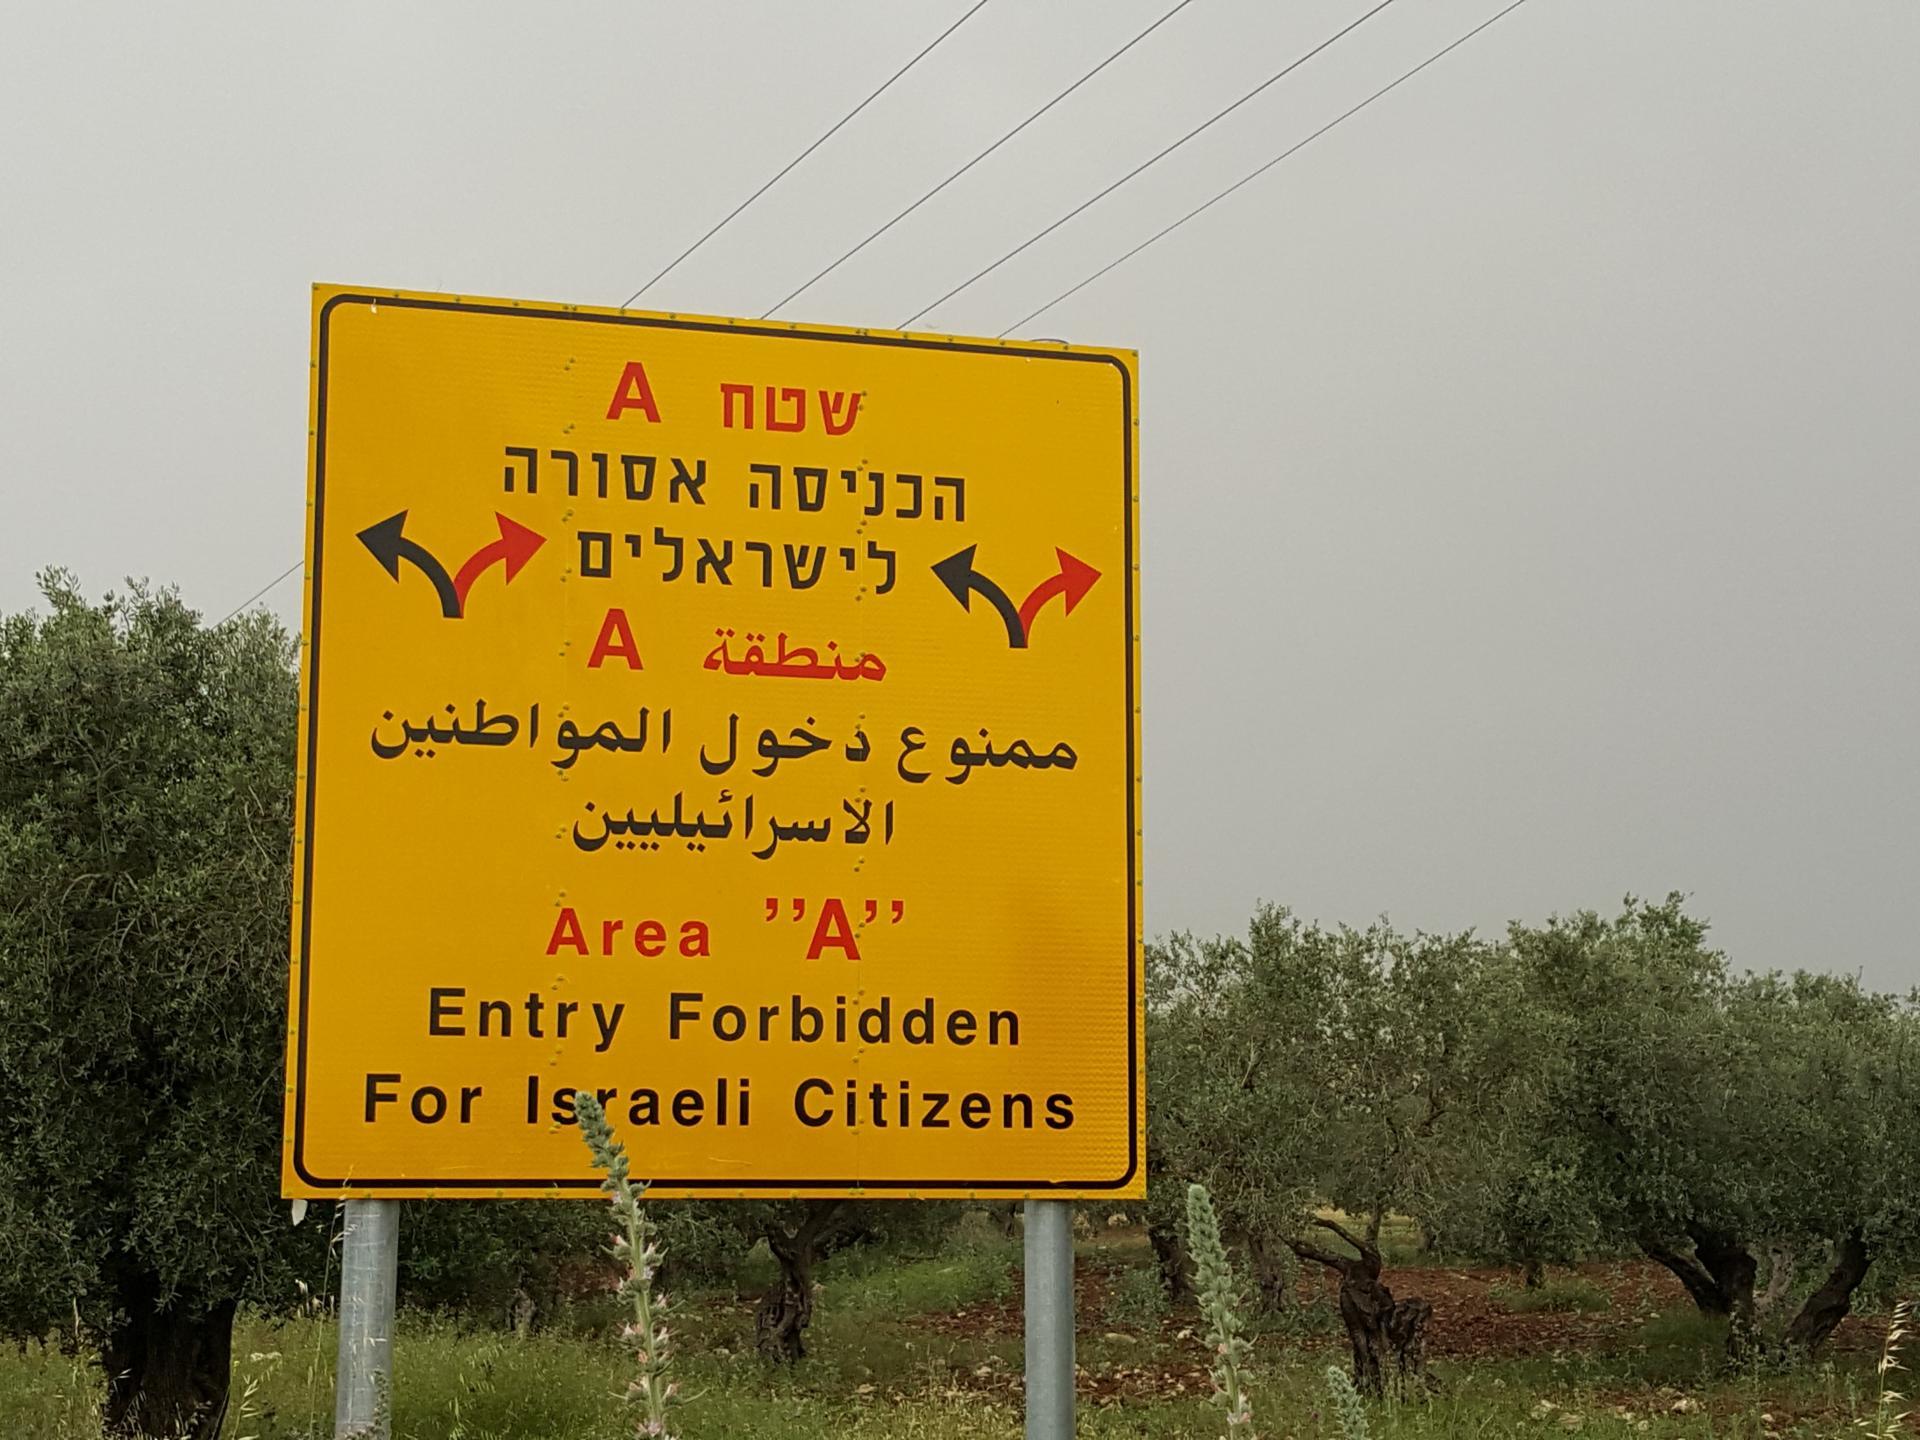 מחסום יעבד דותן: לישראלי אסור לעבור לשטח A